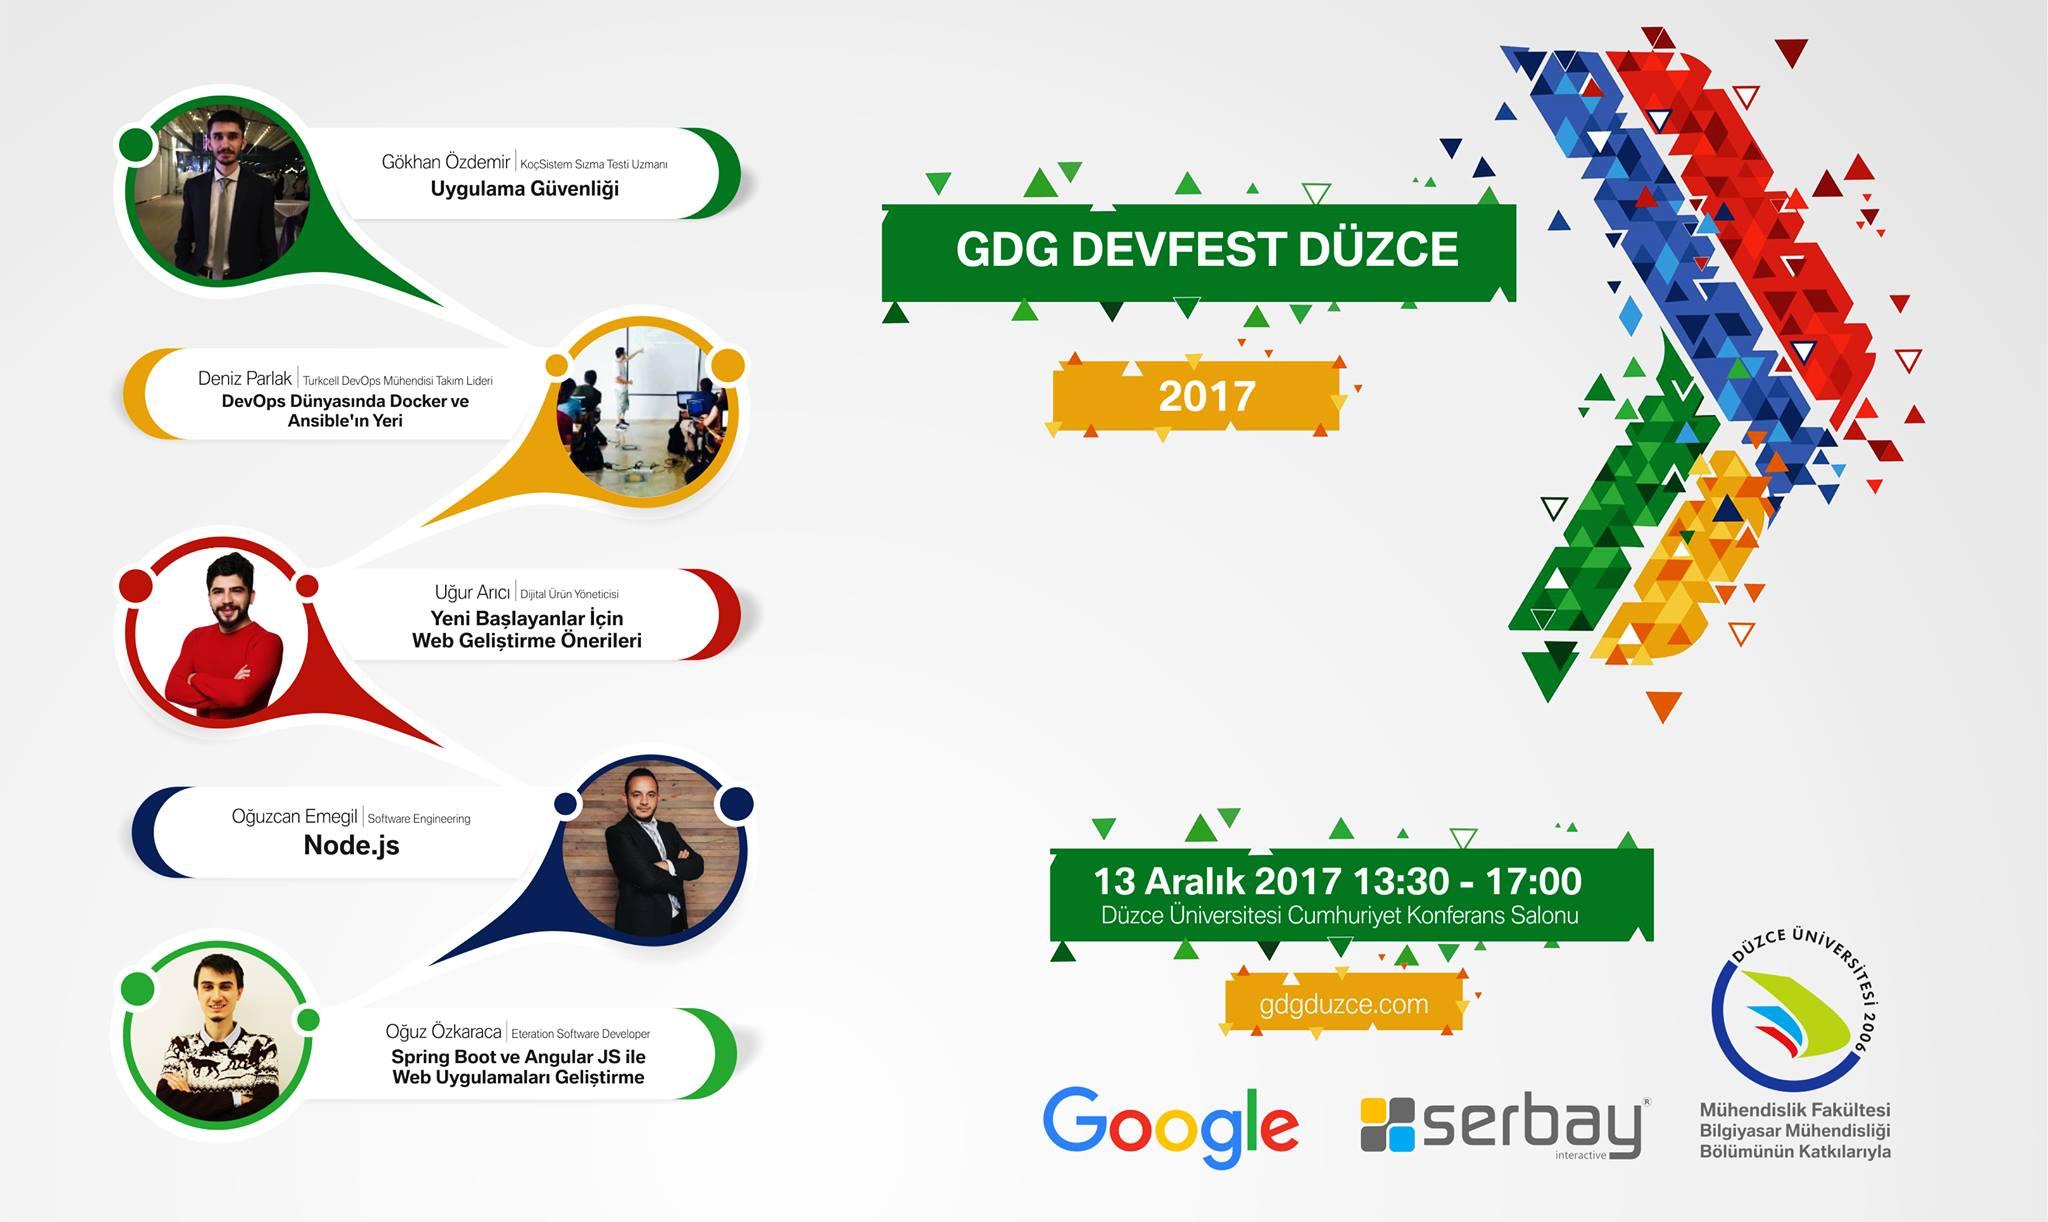 Serbay Interactive Sponsorluğunda DevFest 2017